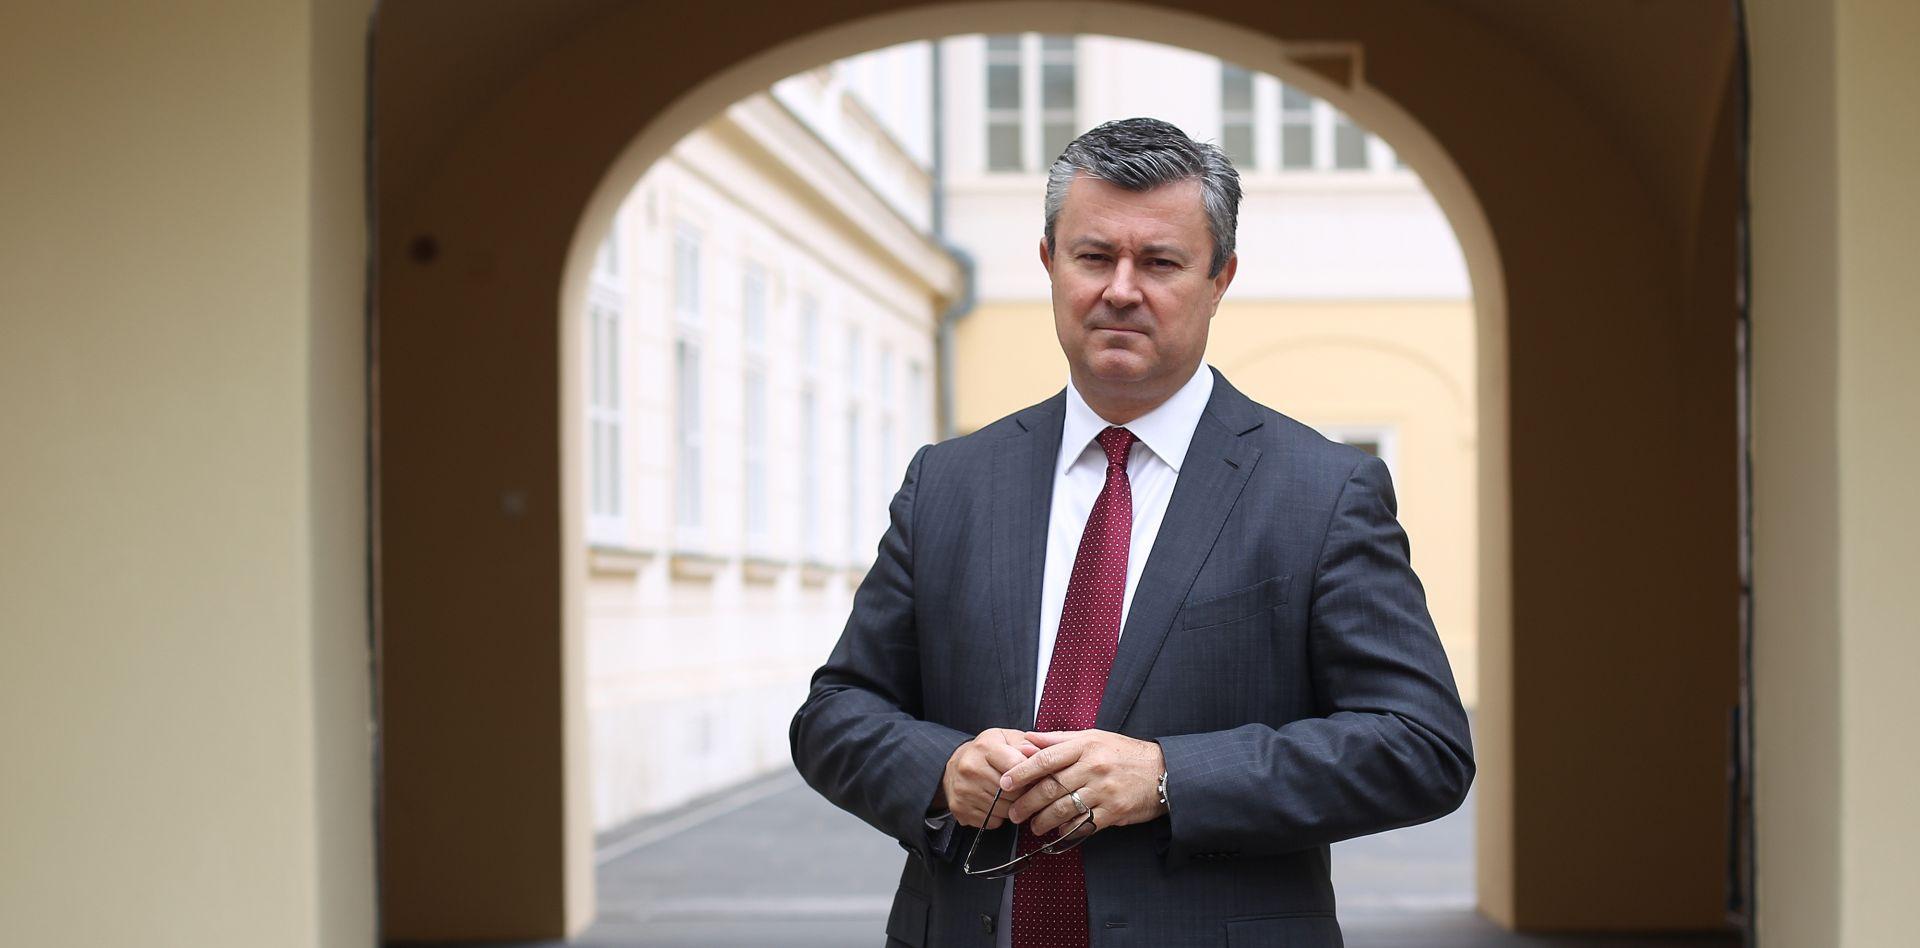 Orešković poručio svom nasljedniku da bude hrabar